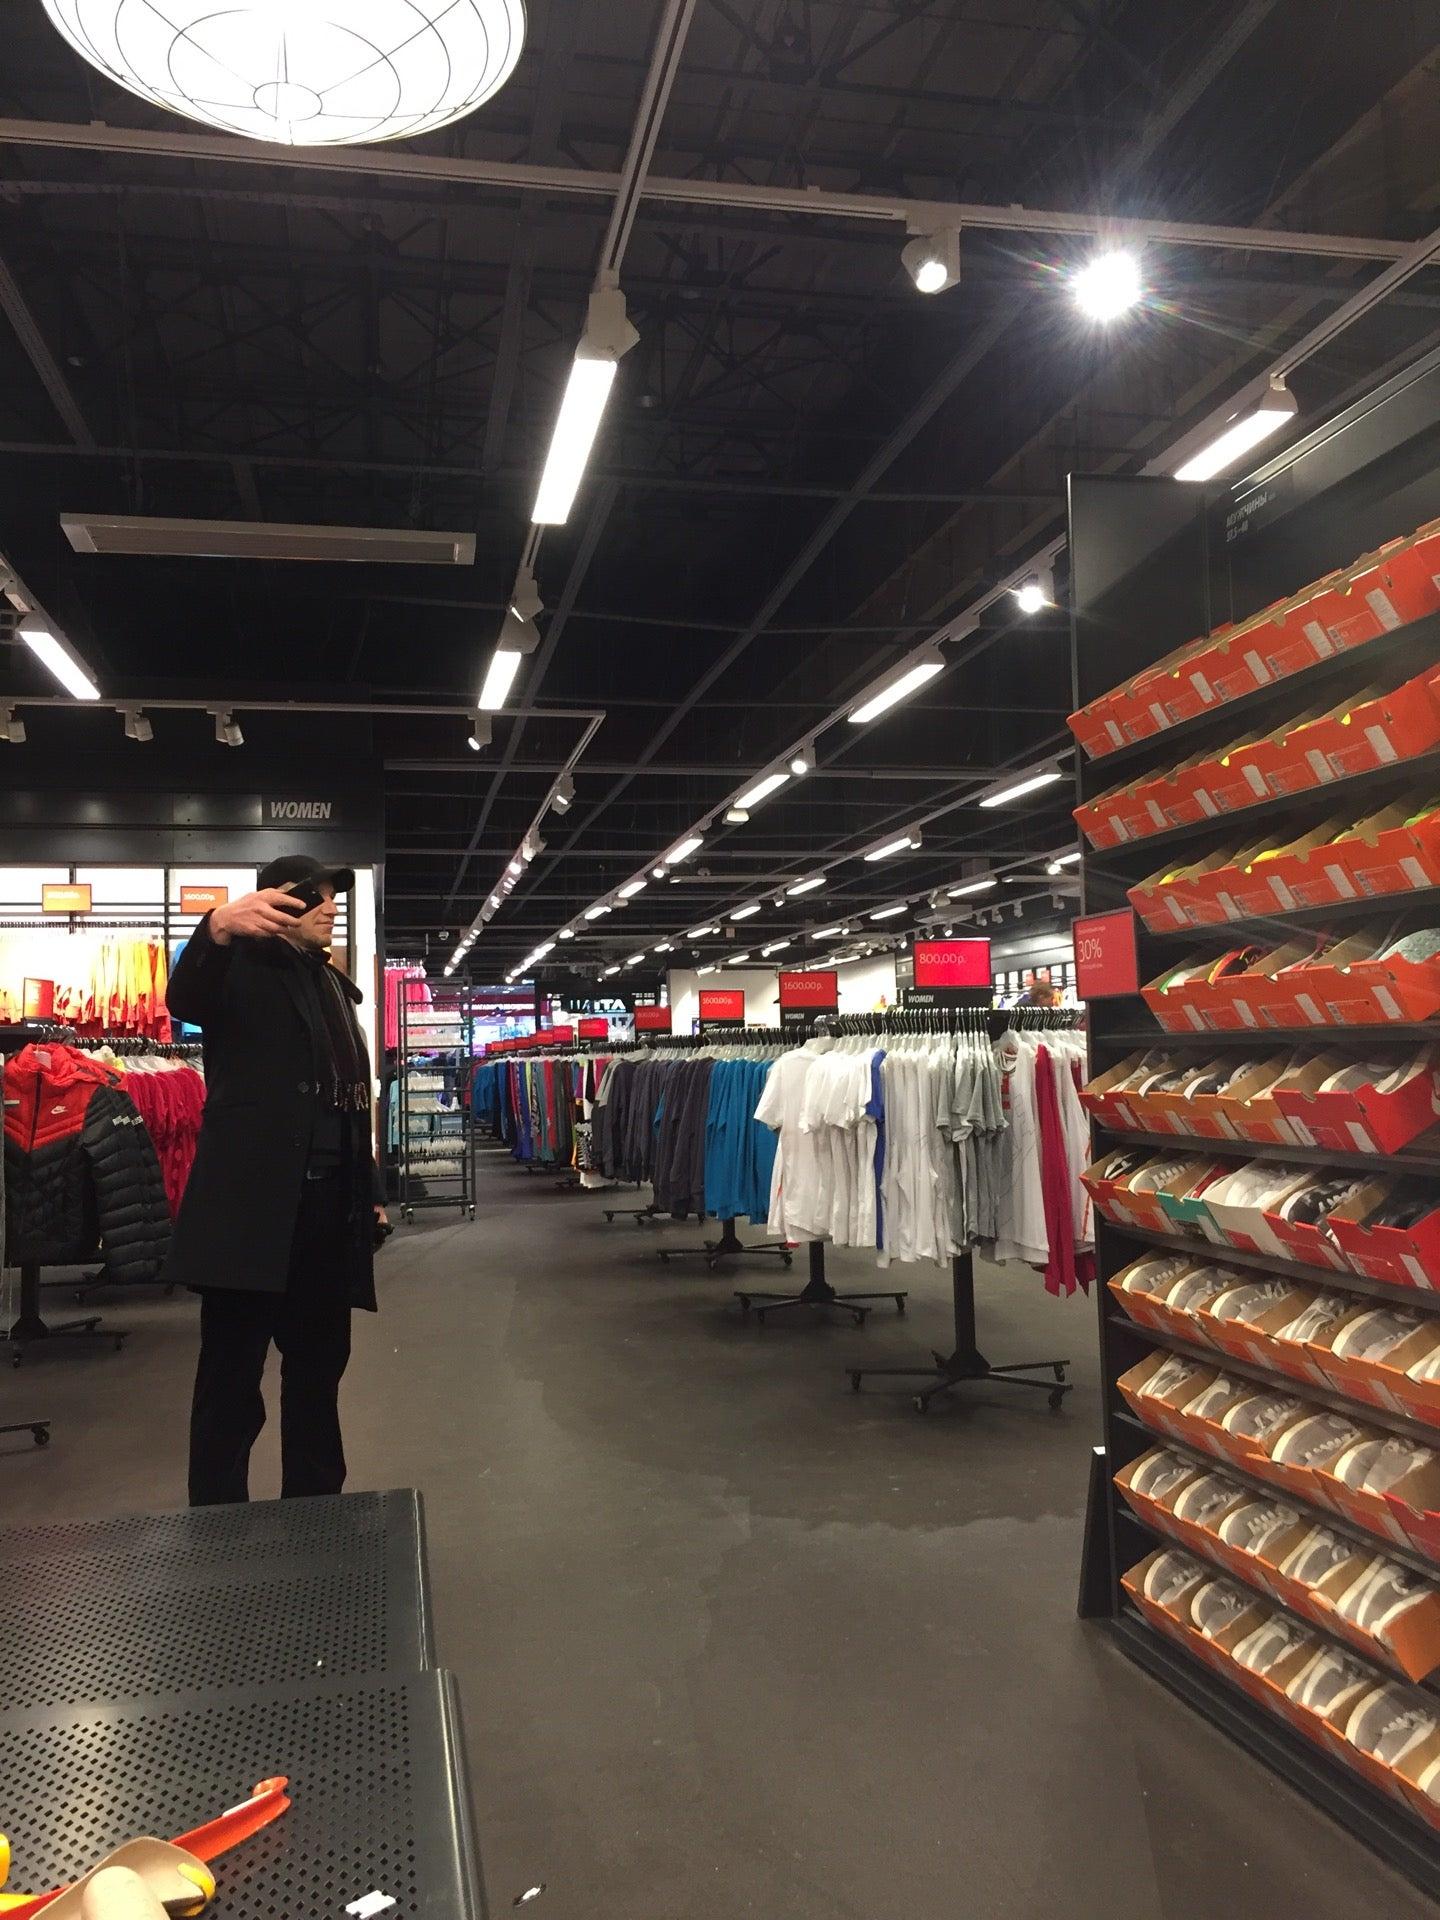 47bd0270bde2 Nike Дисконт Центр на Орджоникидзе, отзывы о спортивных магазинах ...